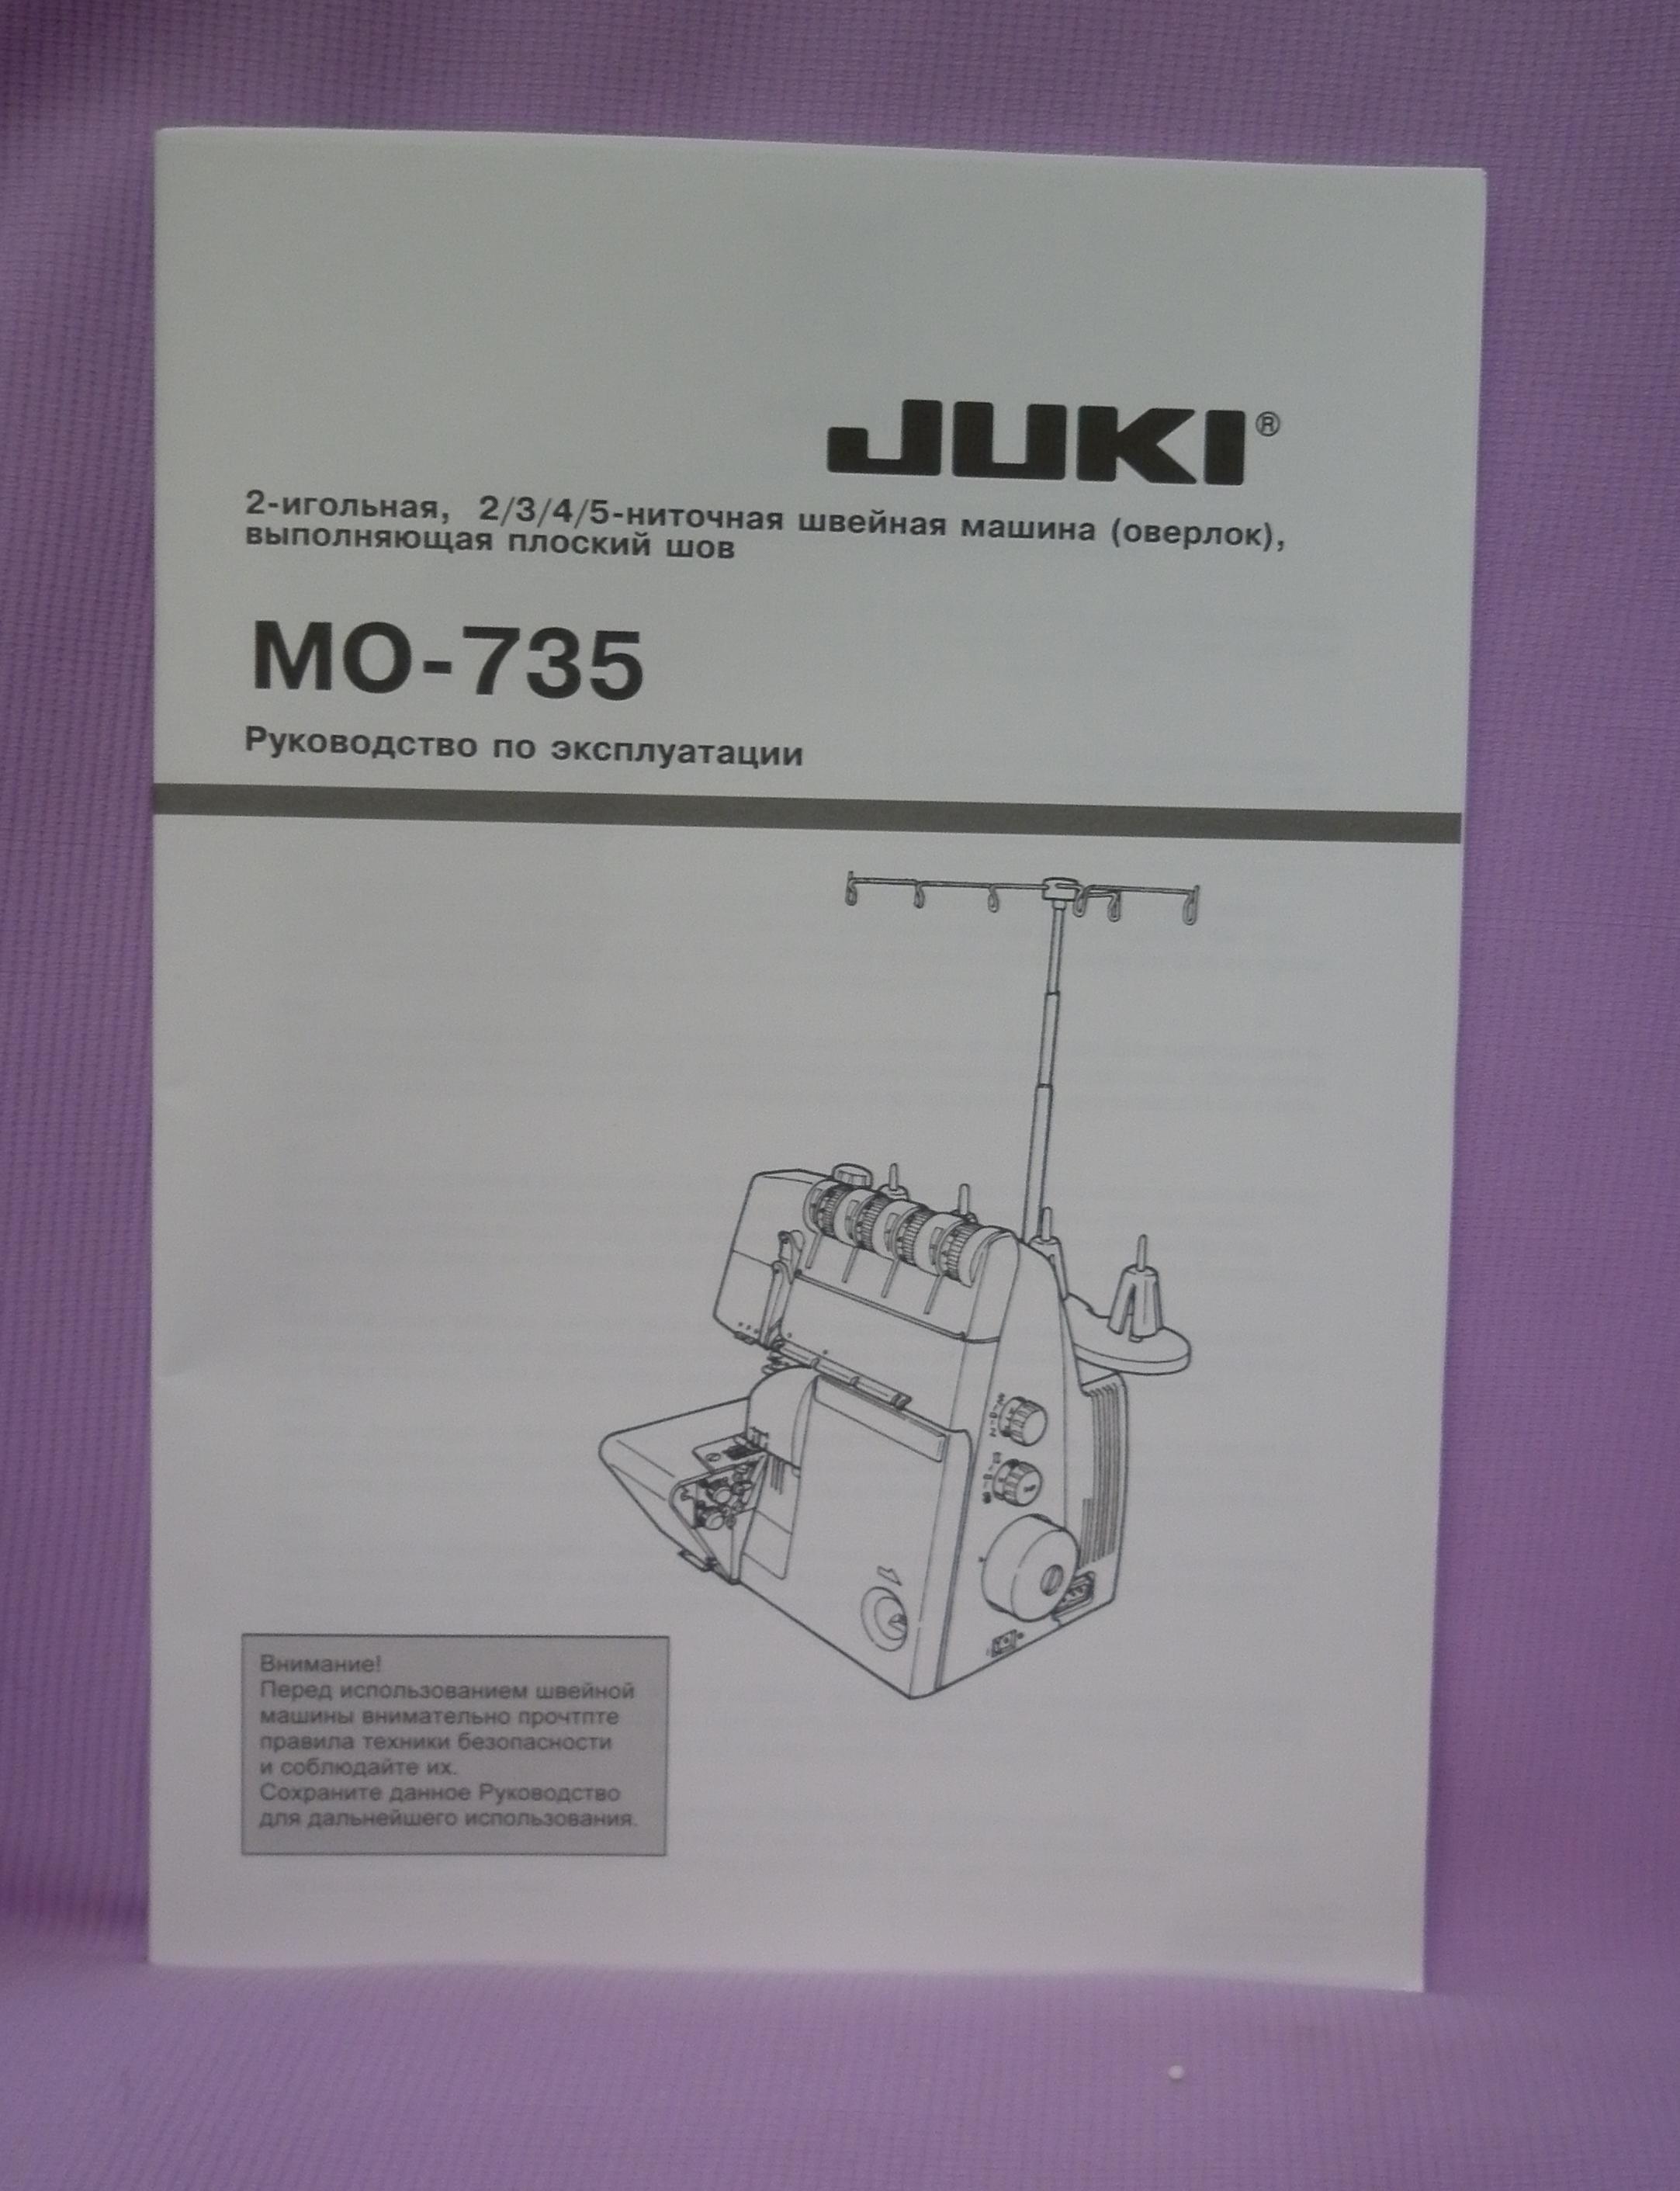 Коверлок JUKI MO 735 ( Оверлок - плоскошовная распошивальная швейная машина ), инструкция по эксплуатации, руководство пользователя.